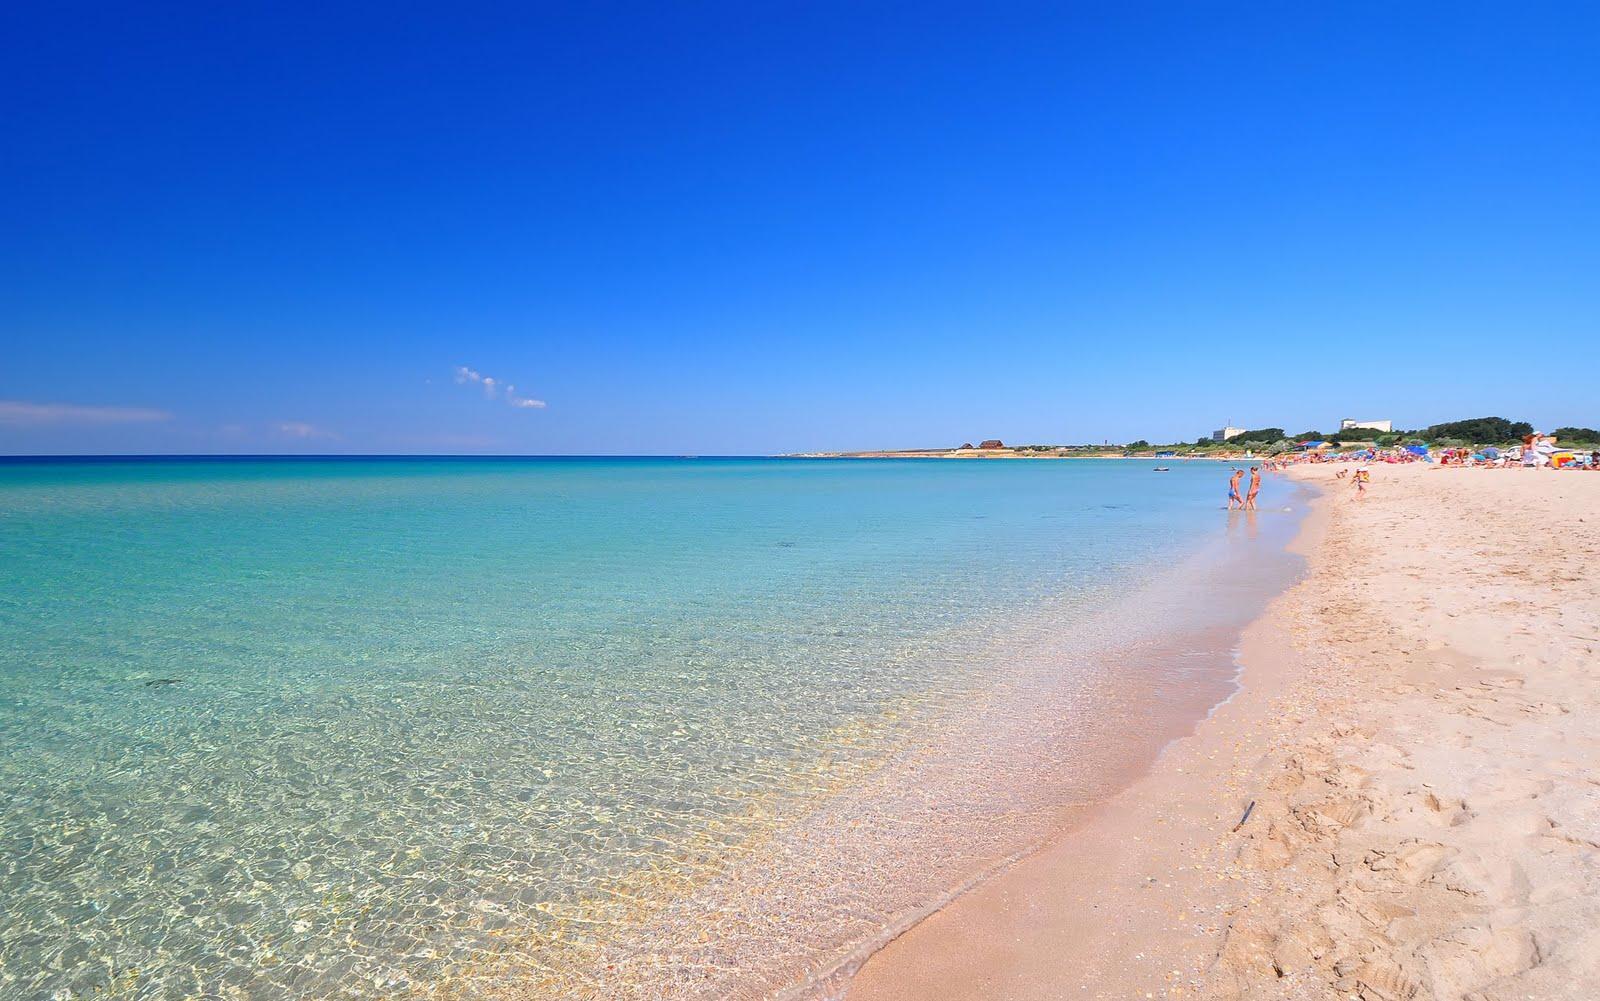 В Крыму некоторые пляжи до сих пор не готовы принимать туристов